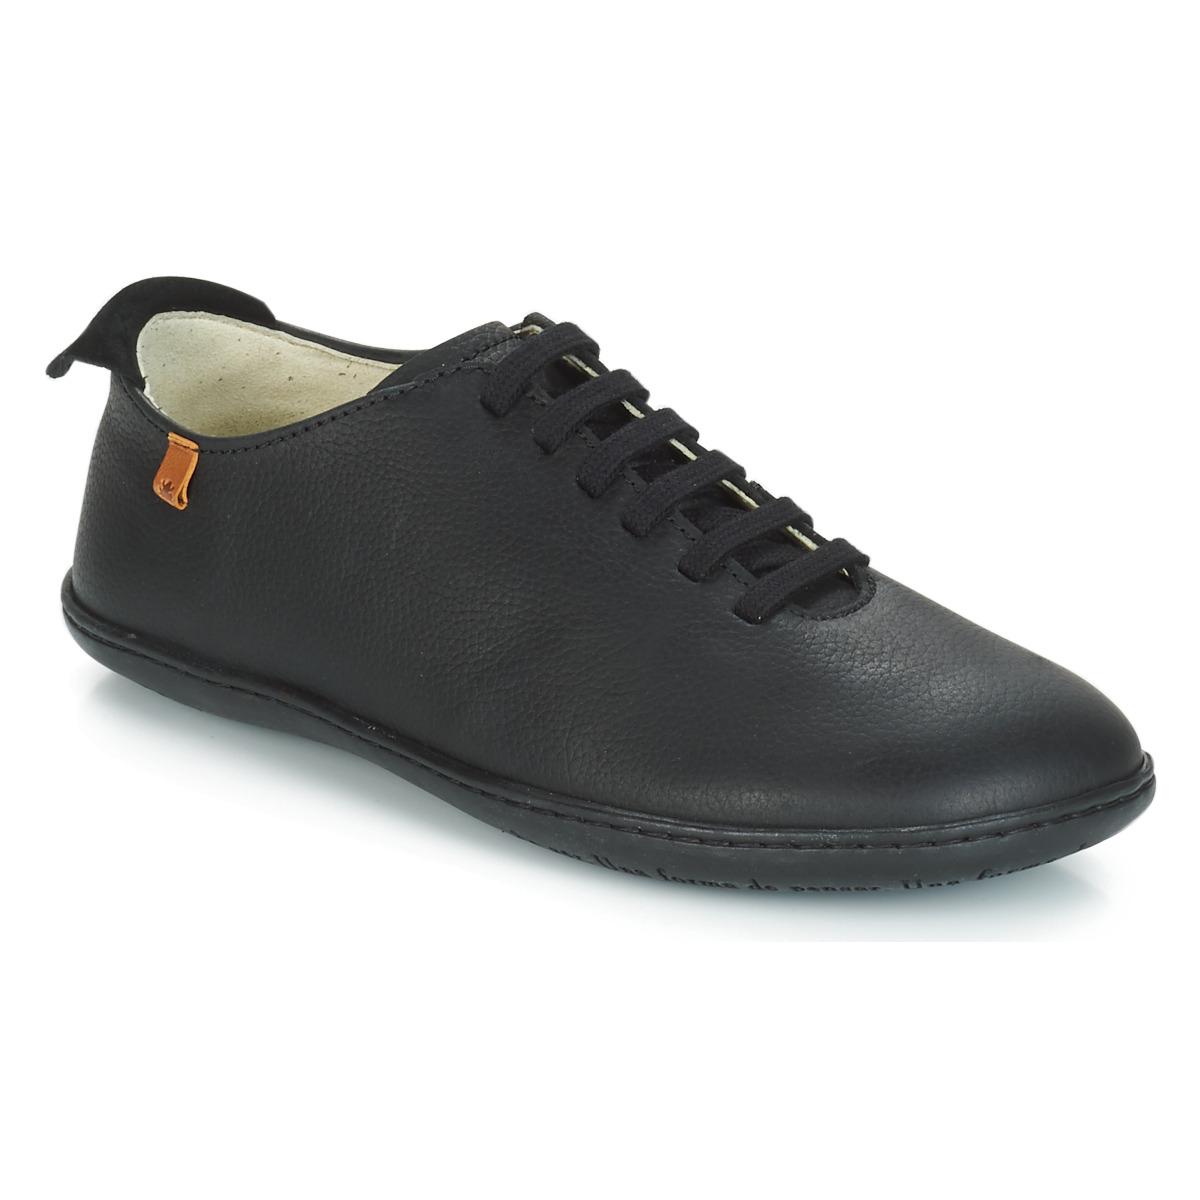 El Naturalista EL VIAJERO FLIDSU Schwarz - Kostenloser Versand bei Spartoode ! - Schuhe Sneaker Low  57,50 €